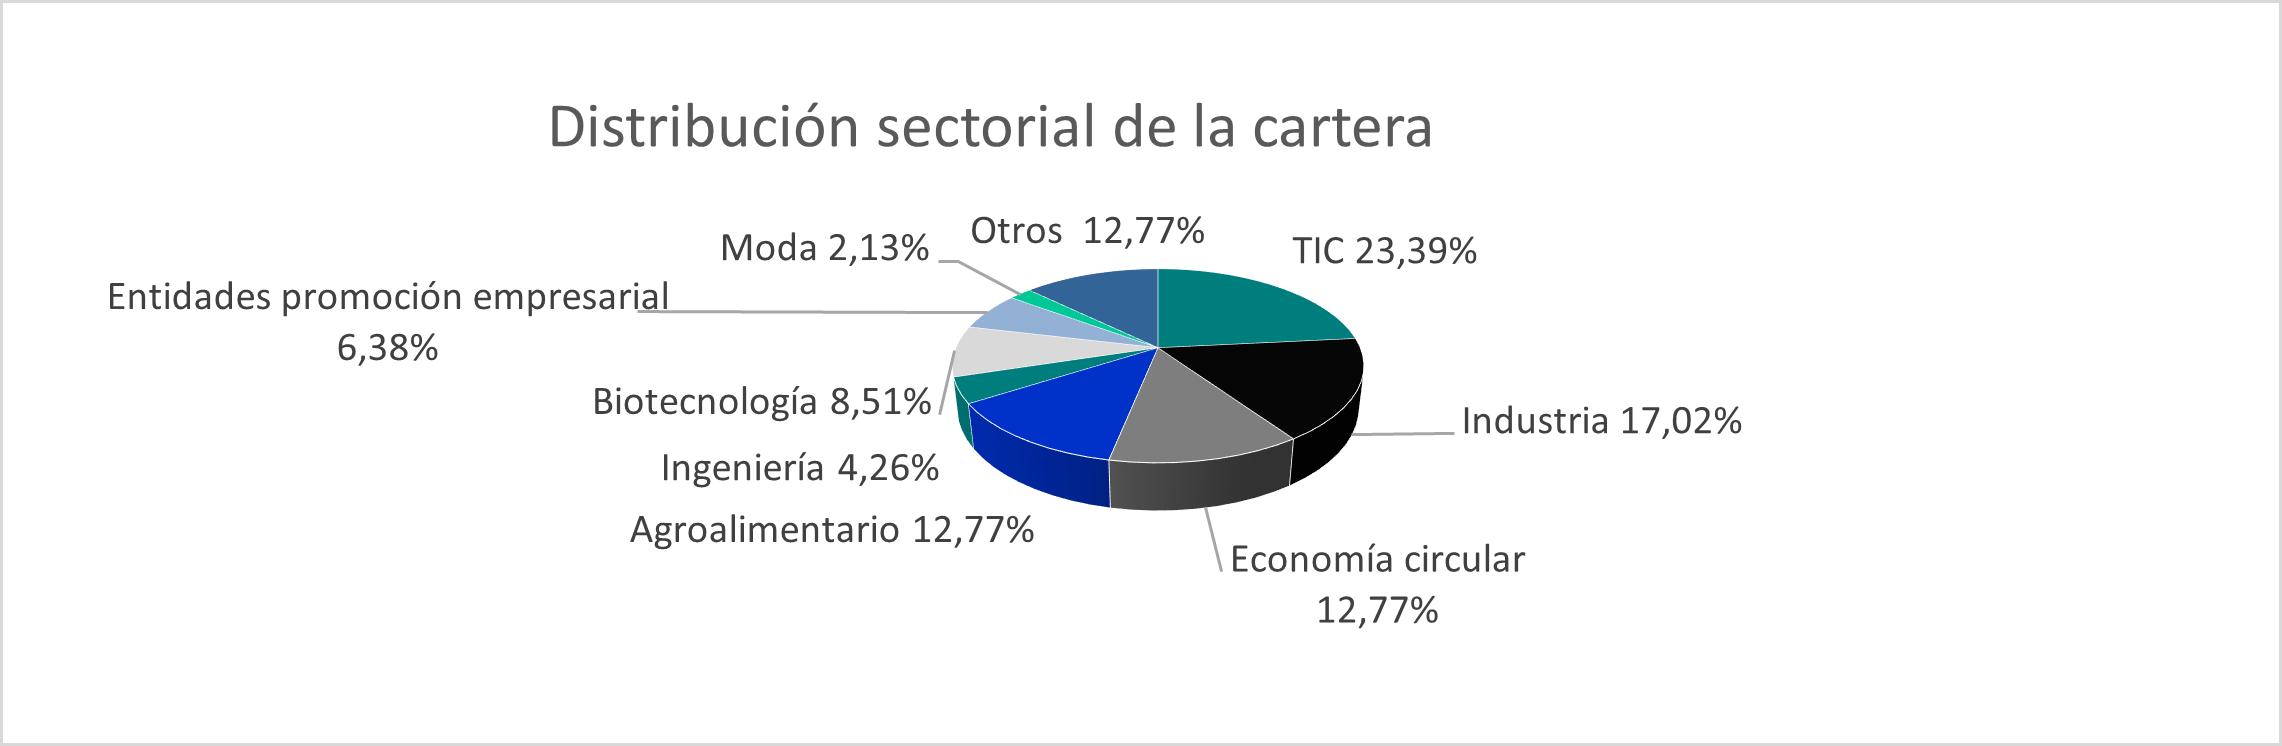 Distribución sectorial de la cartera